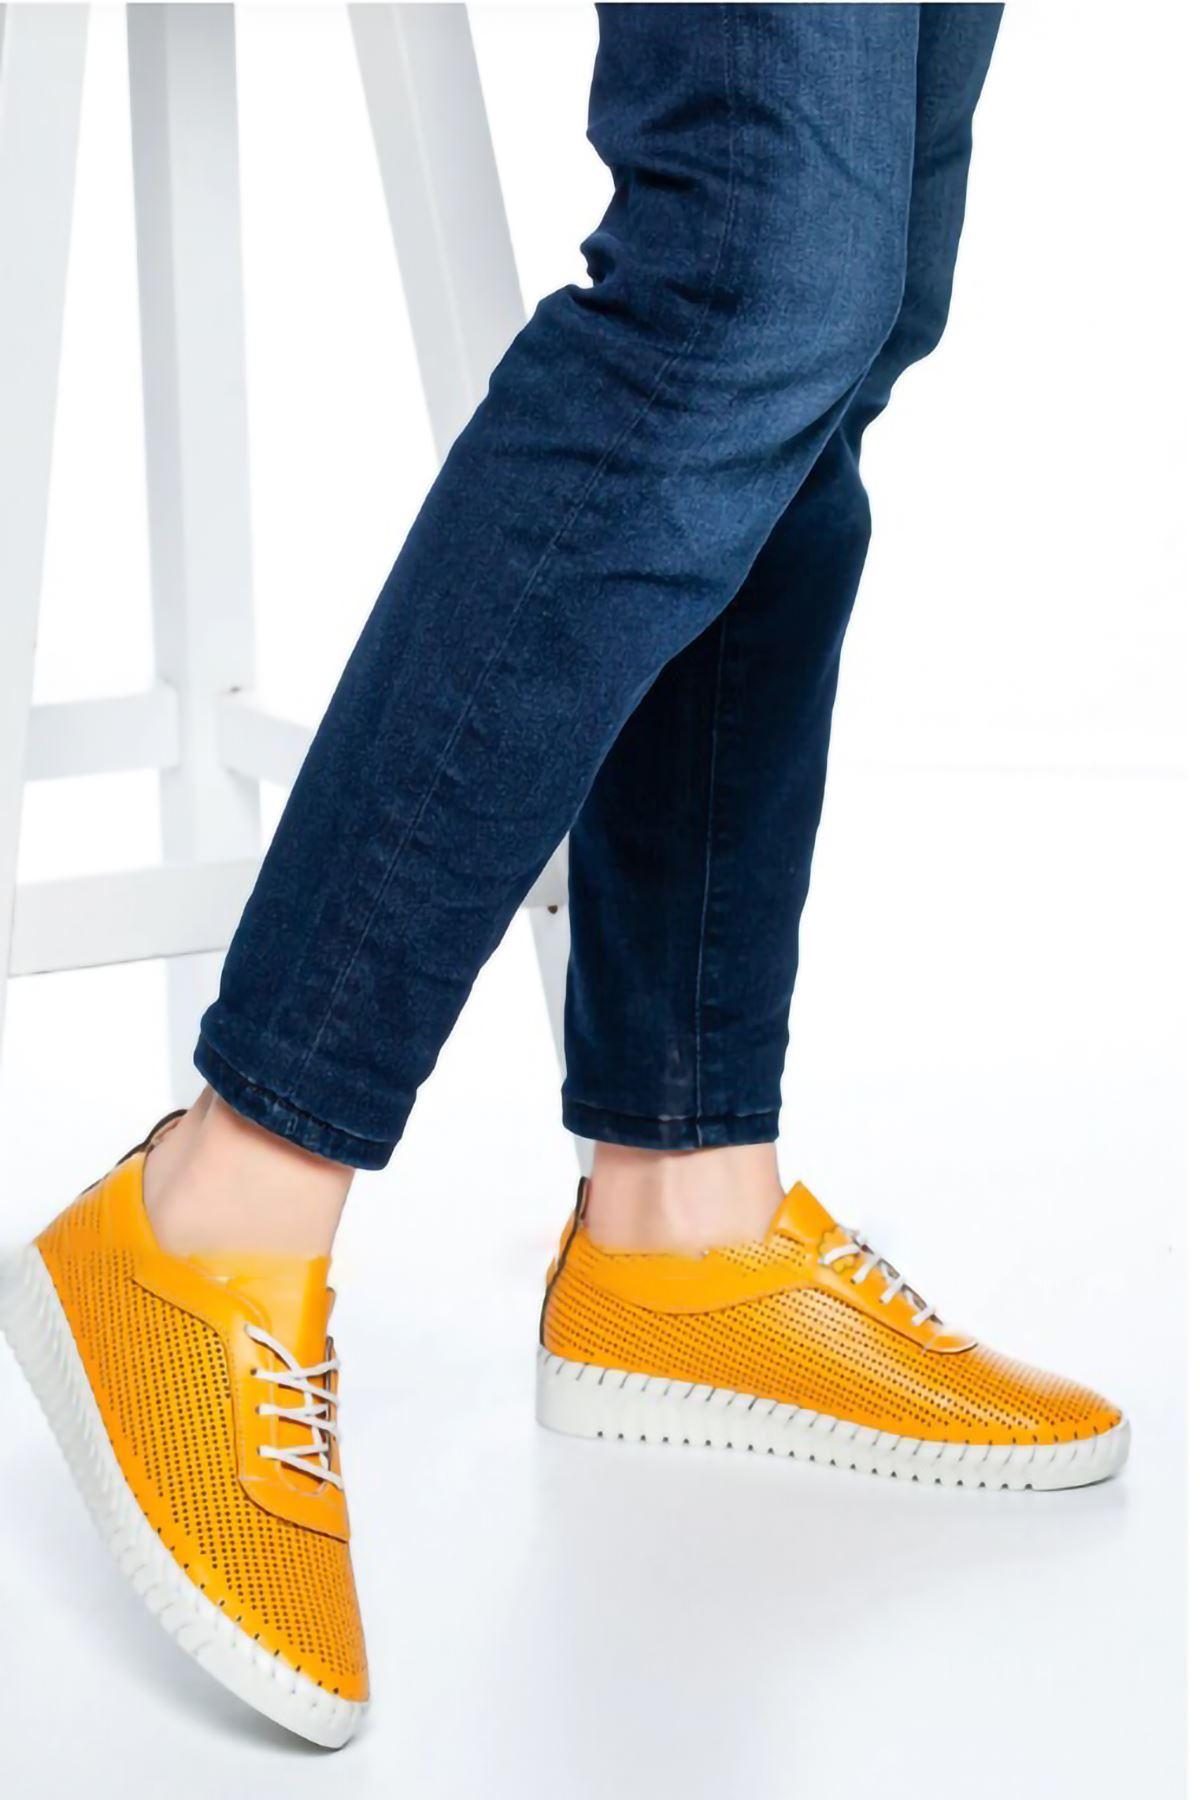 Harper Günlük Ayakkabı Hardal